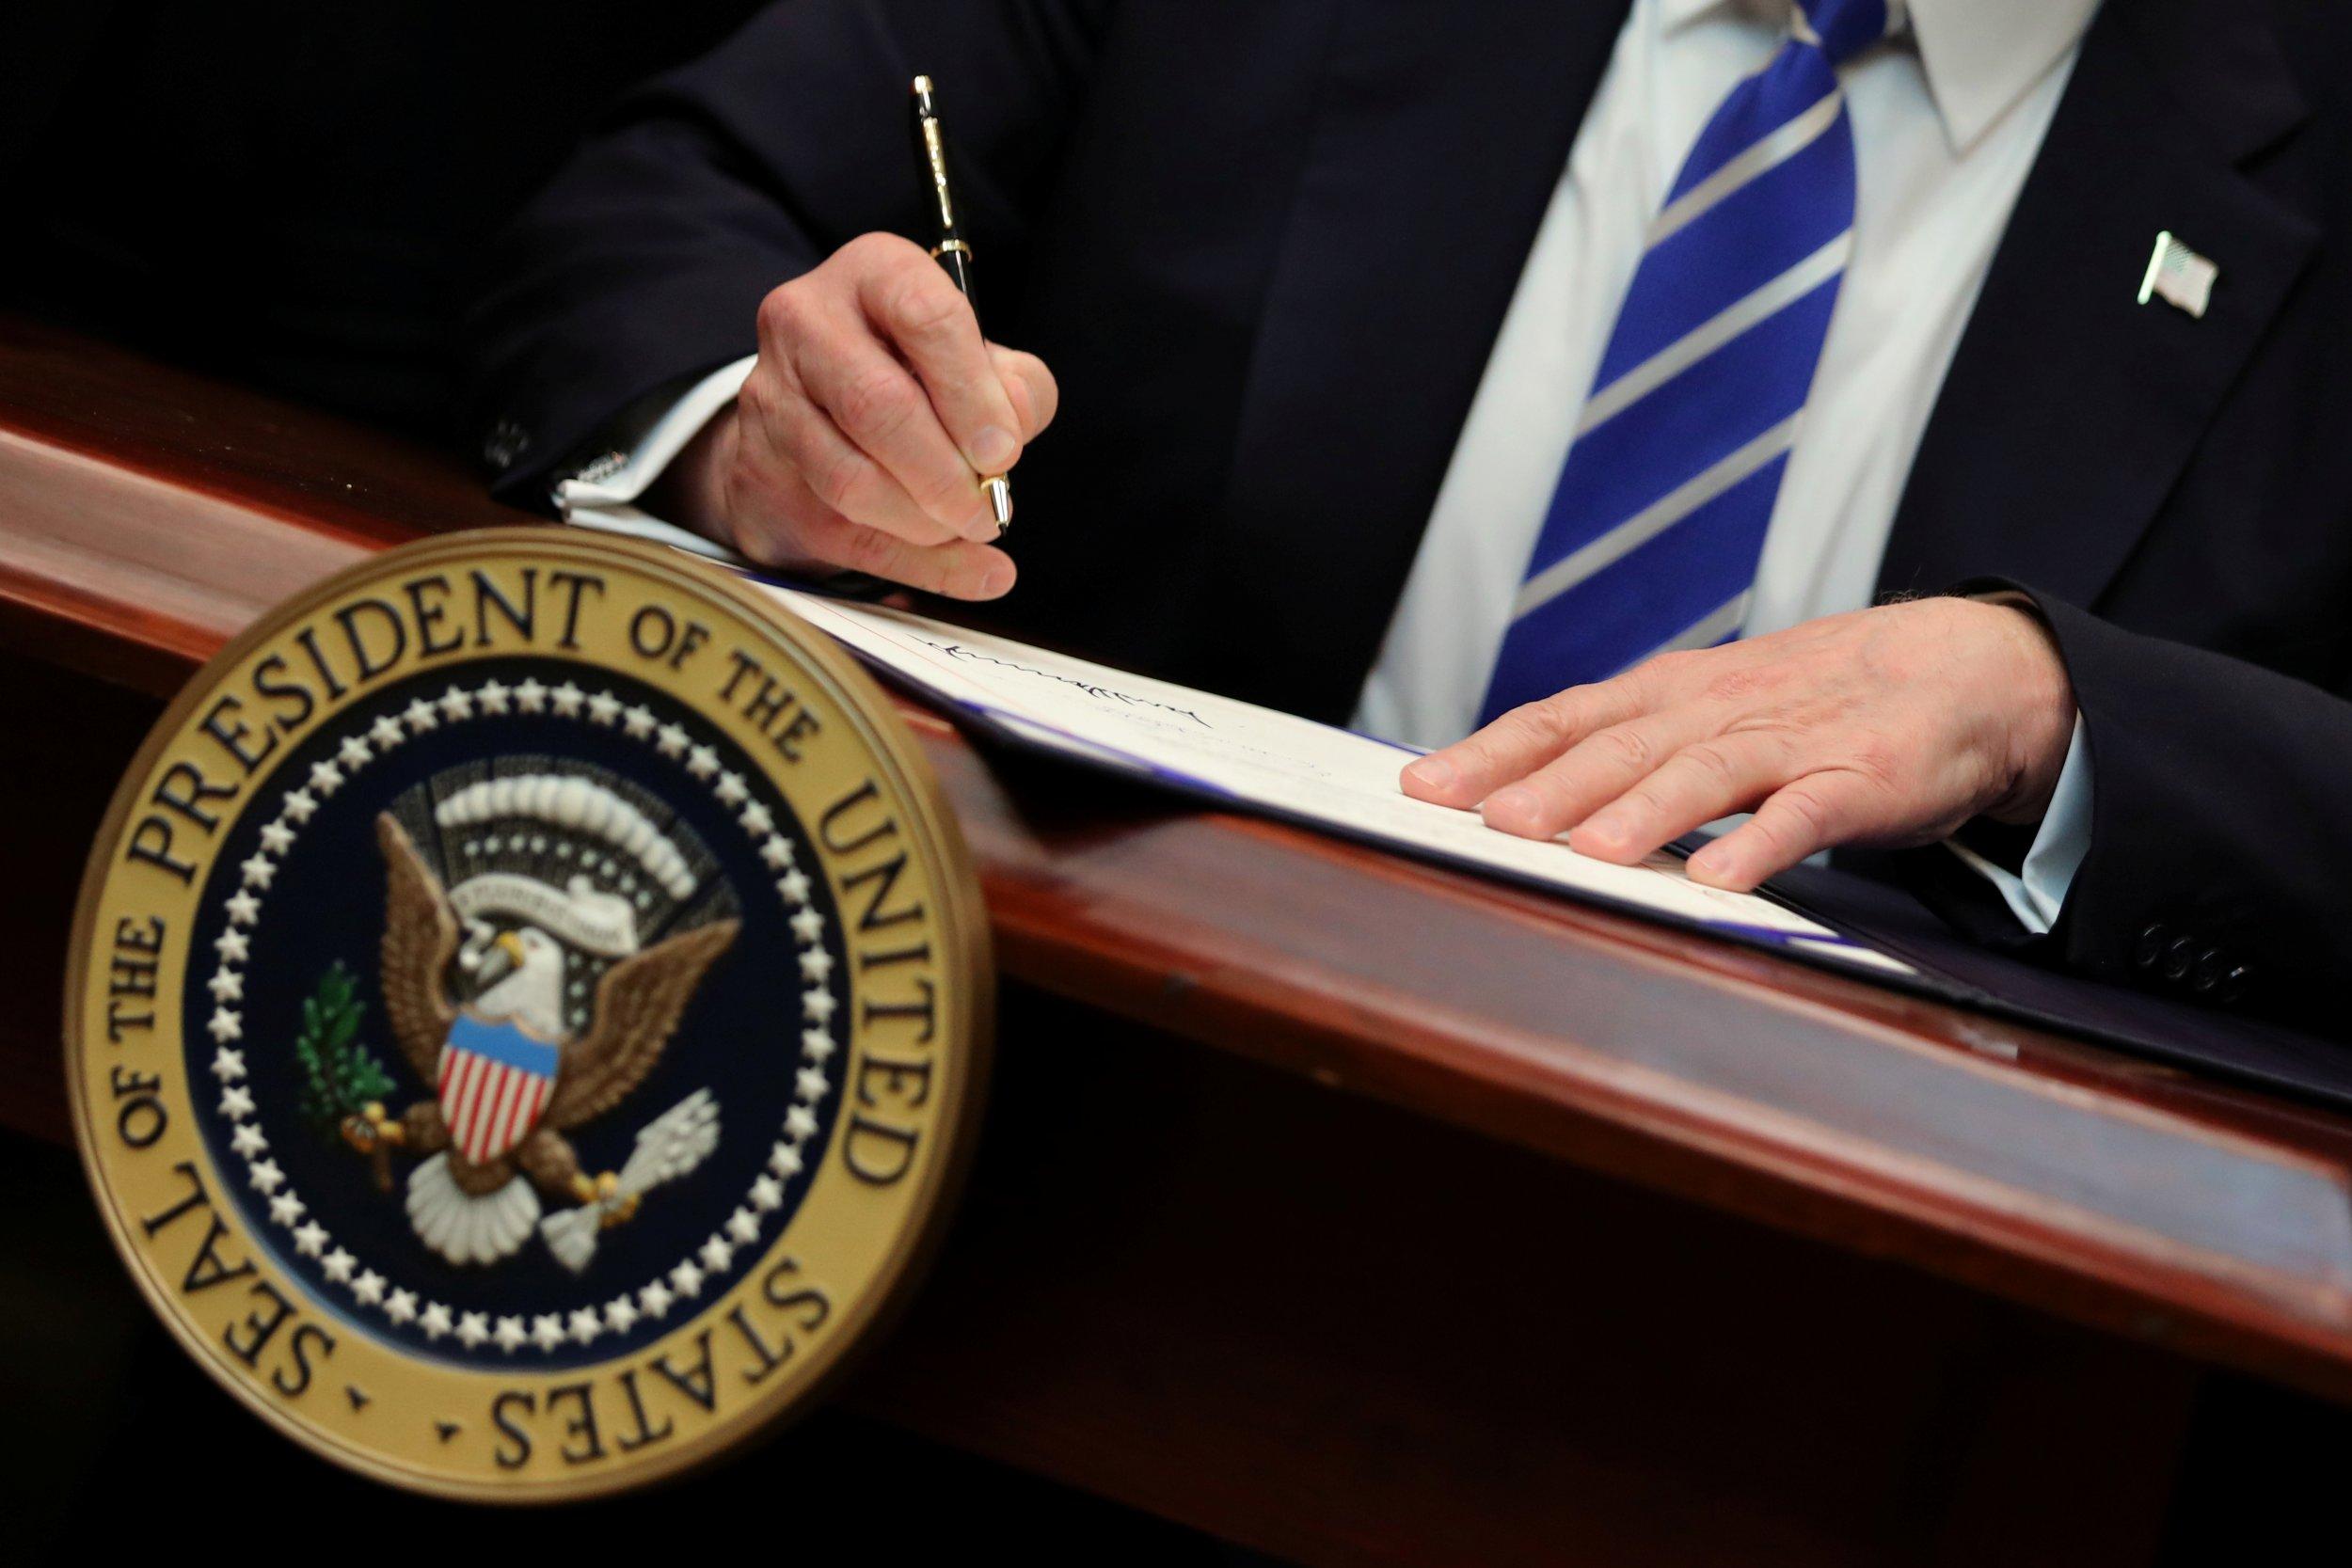 Donald Trump signs